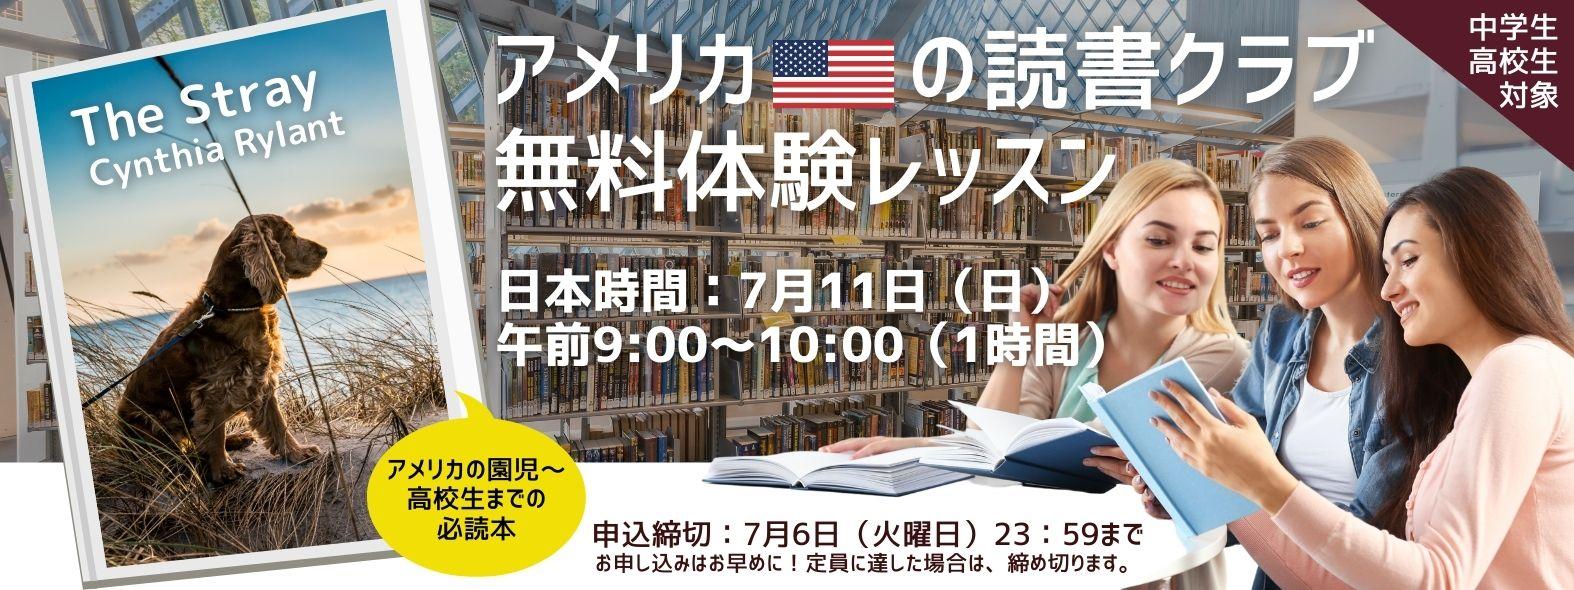 アメリカ読書クラブ無料体験レッスン